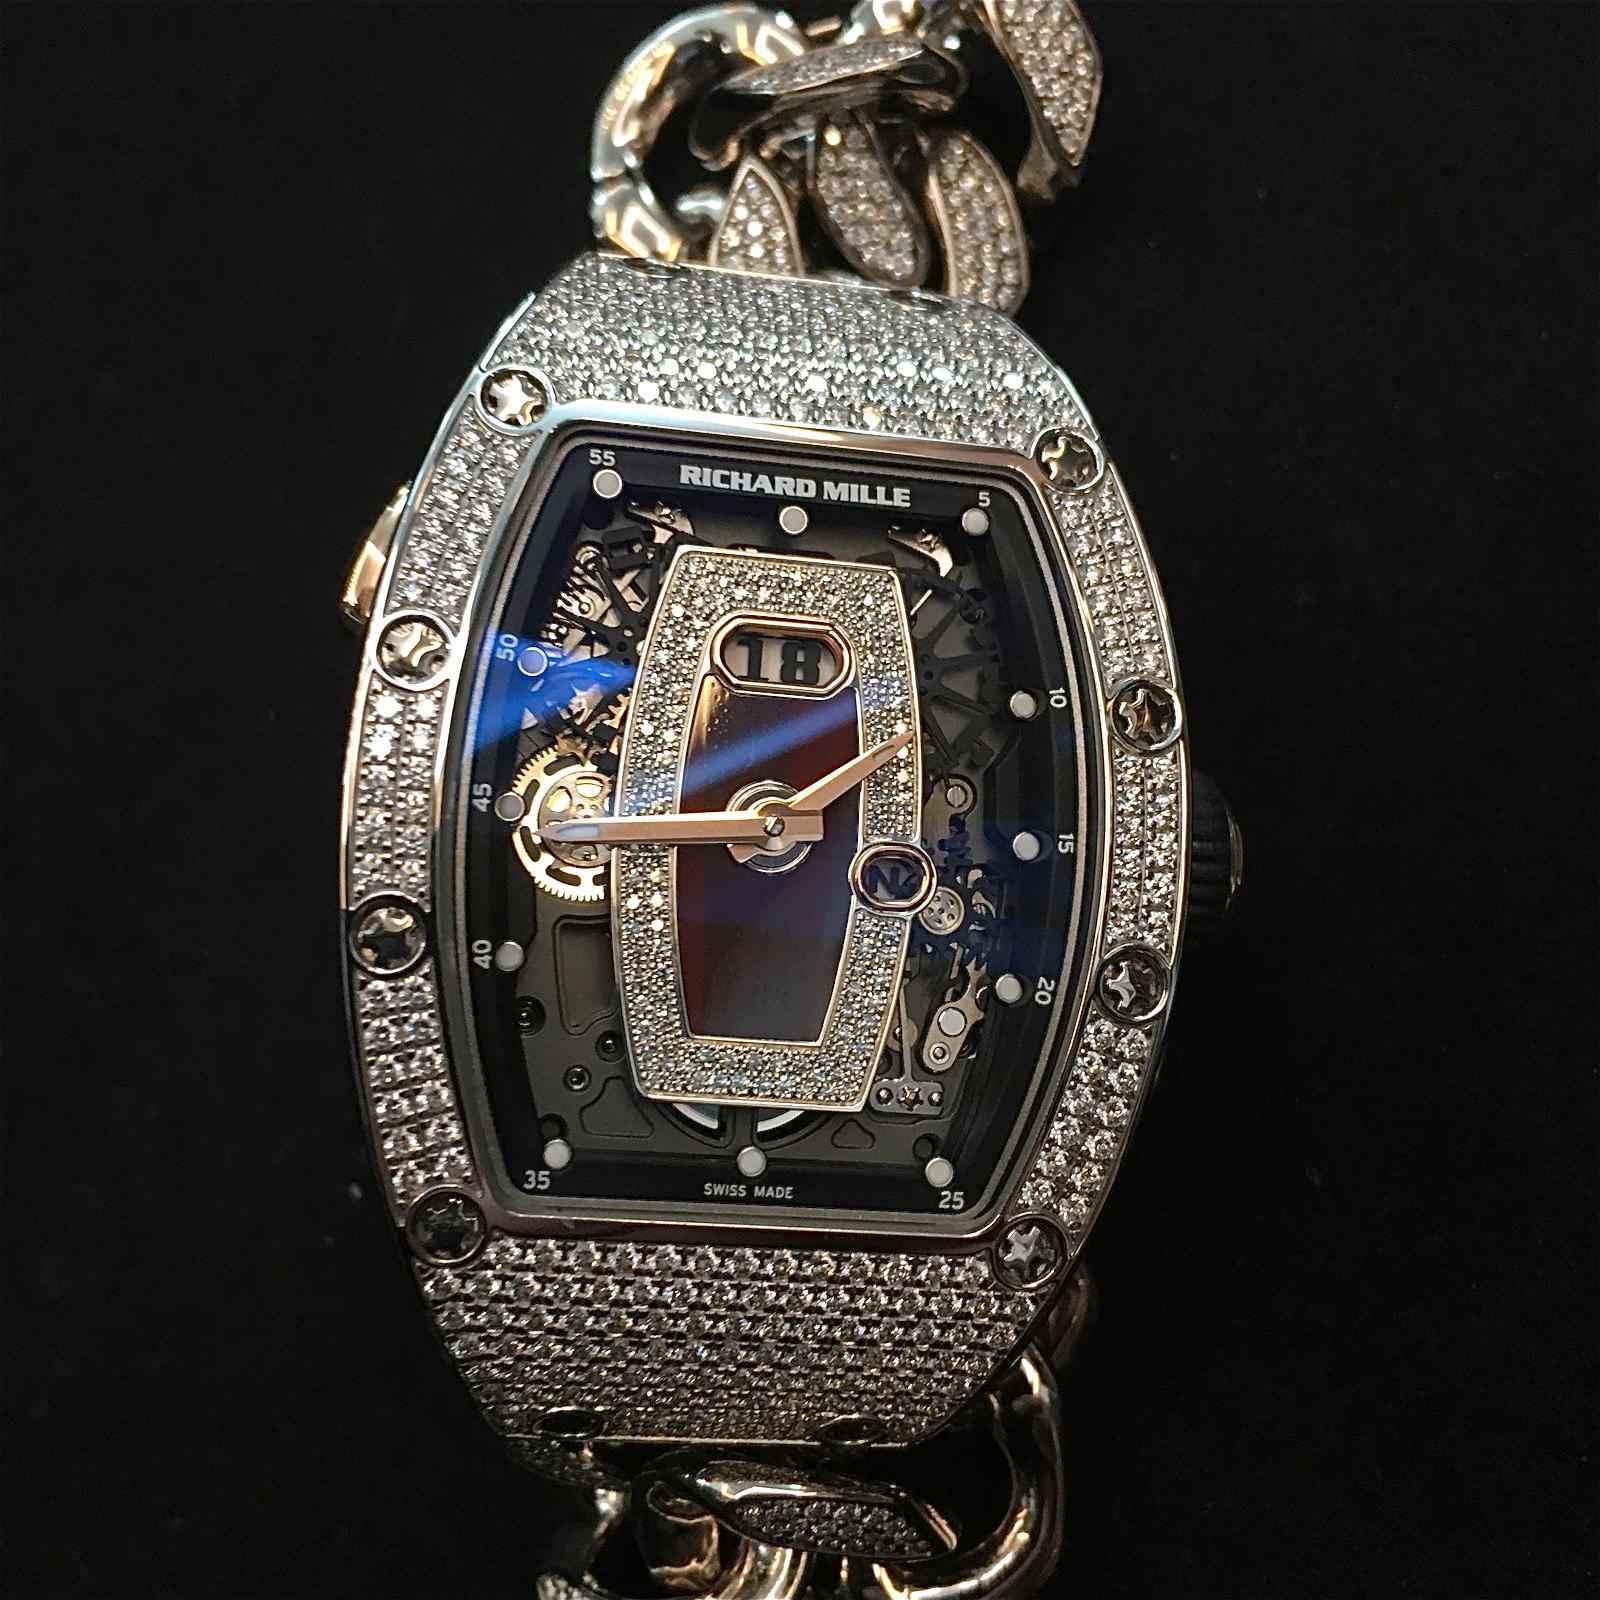 Die Richard Mille RM 037 in Weißgold mit Diamanten und Gourmette Armband. Preis: 392.500 Euro